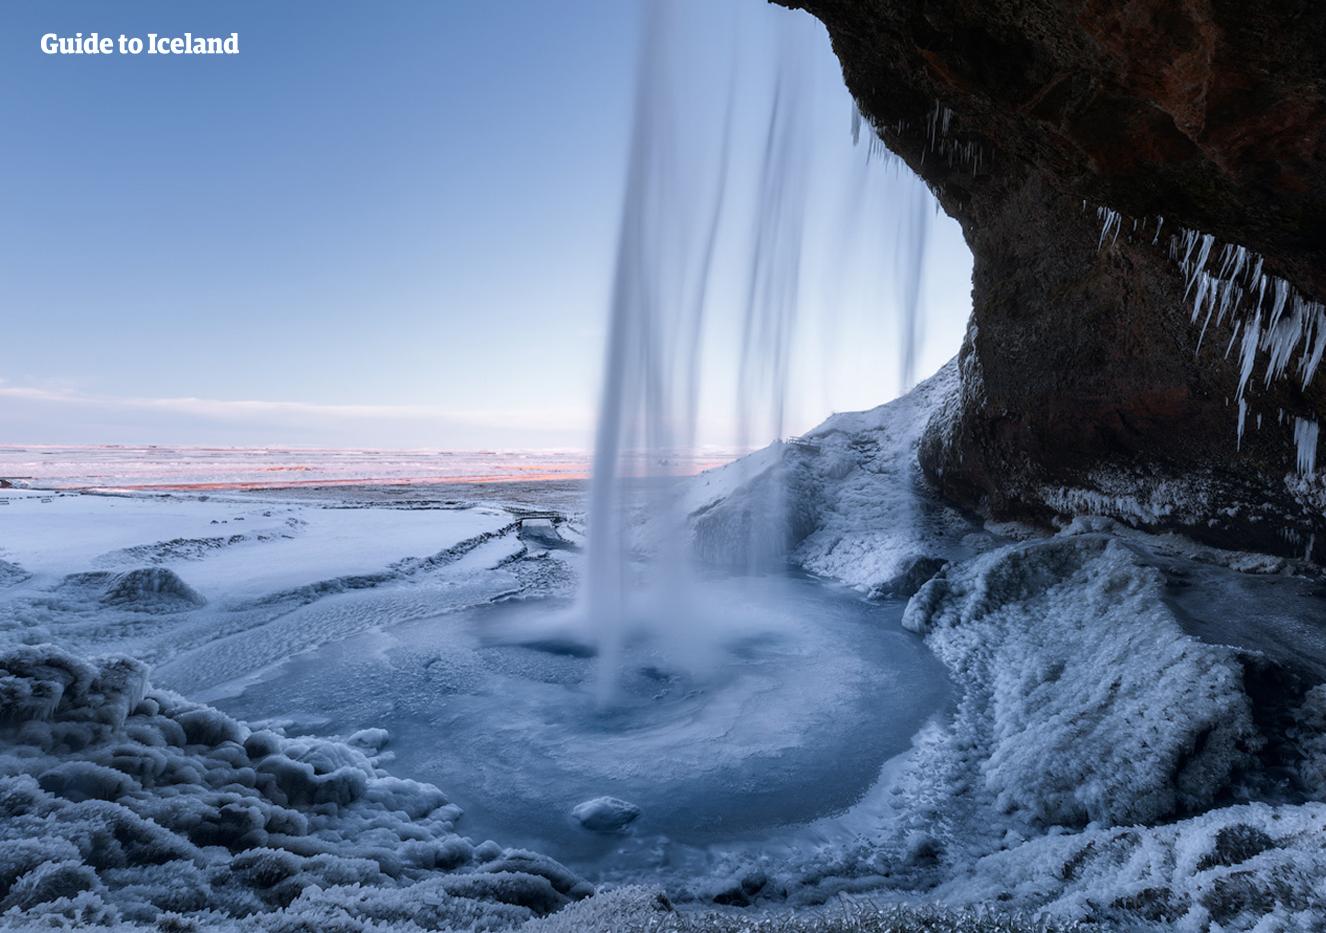 De zuidkust van IJsland ziet er 's nachts onheilspellend en mooi uit door zijn grillige zwarte rotsformaties.